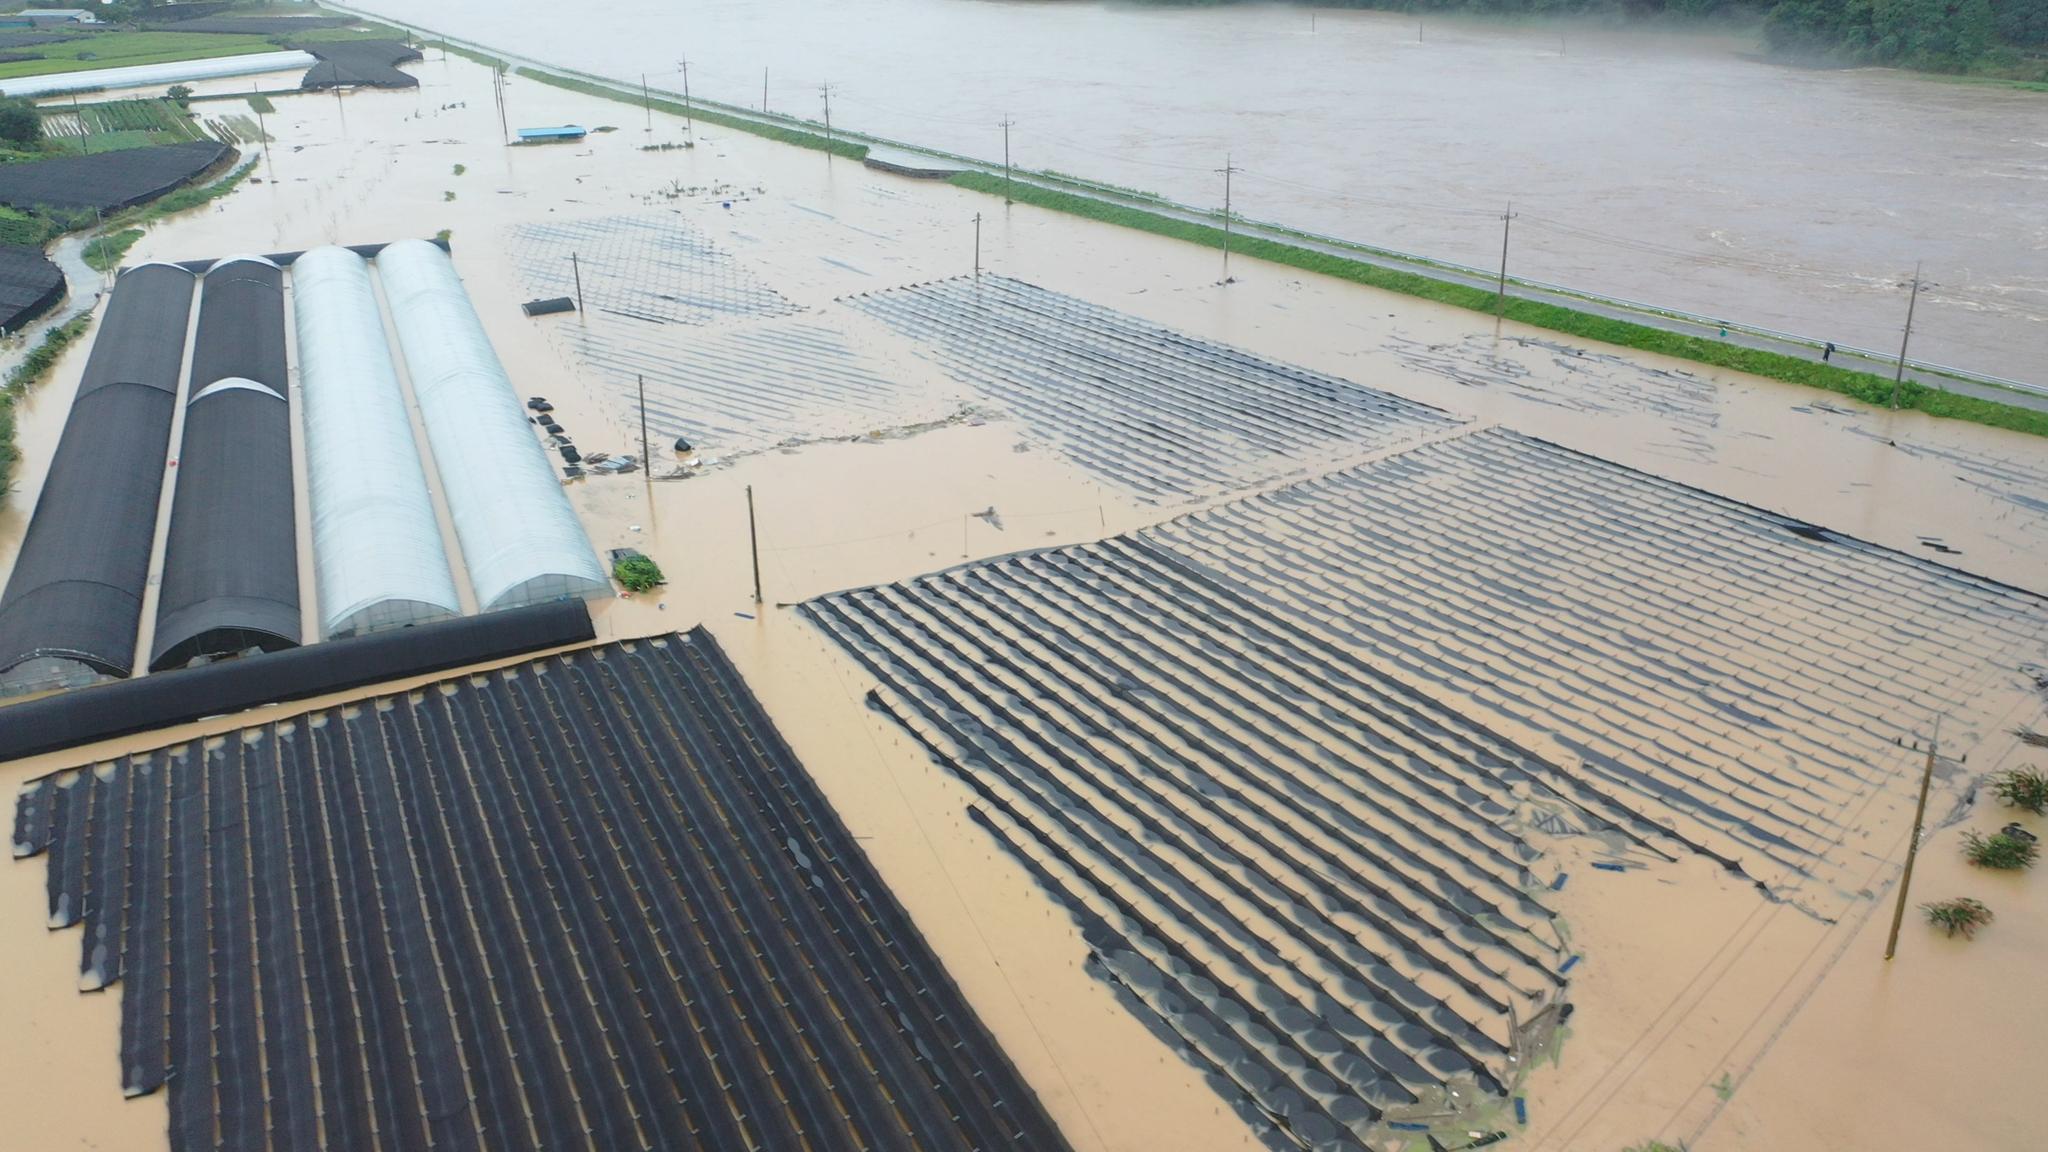 지난 8일 용담댐 방류로 침수 피해를 입은 충남 금산군 부리면 평촌리 인삼밭 모습. [사진 금산군]